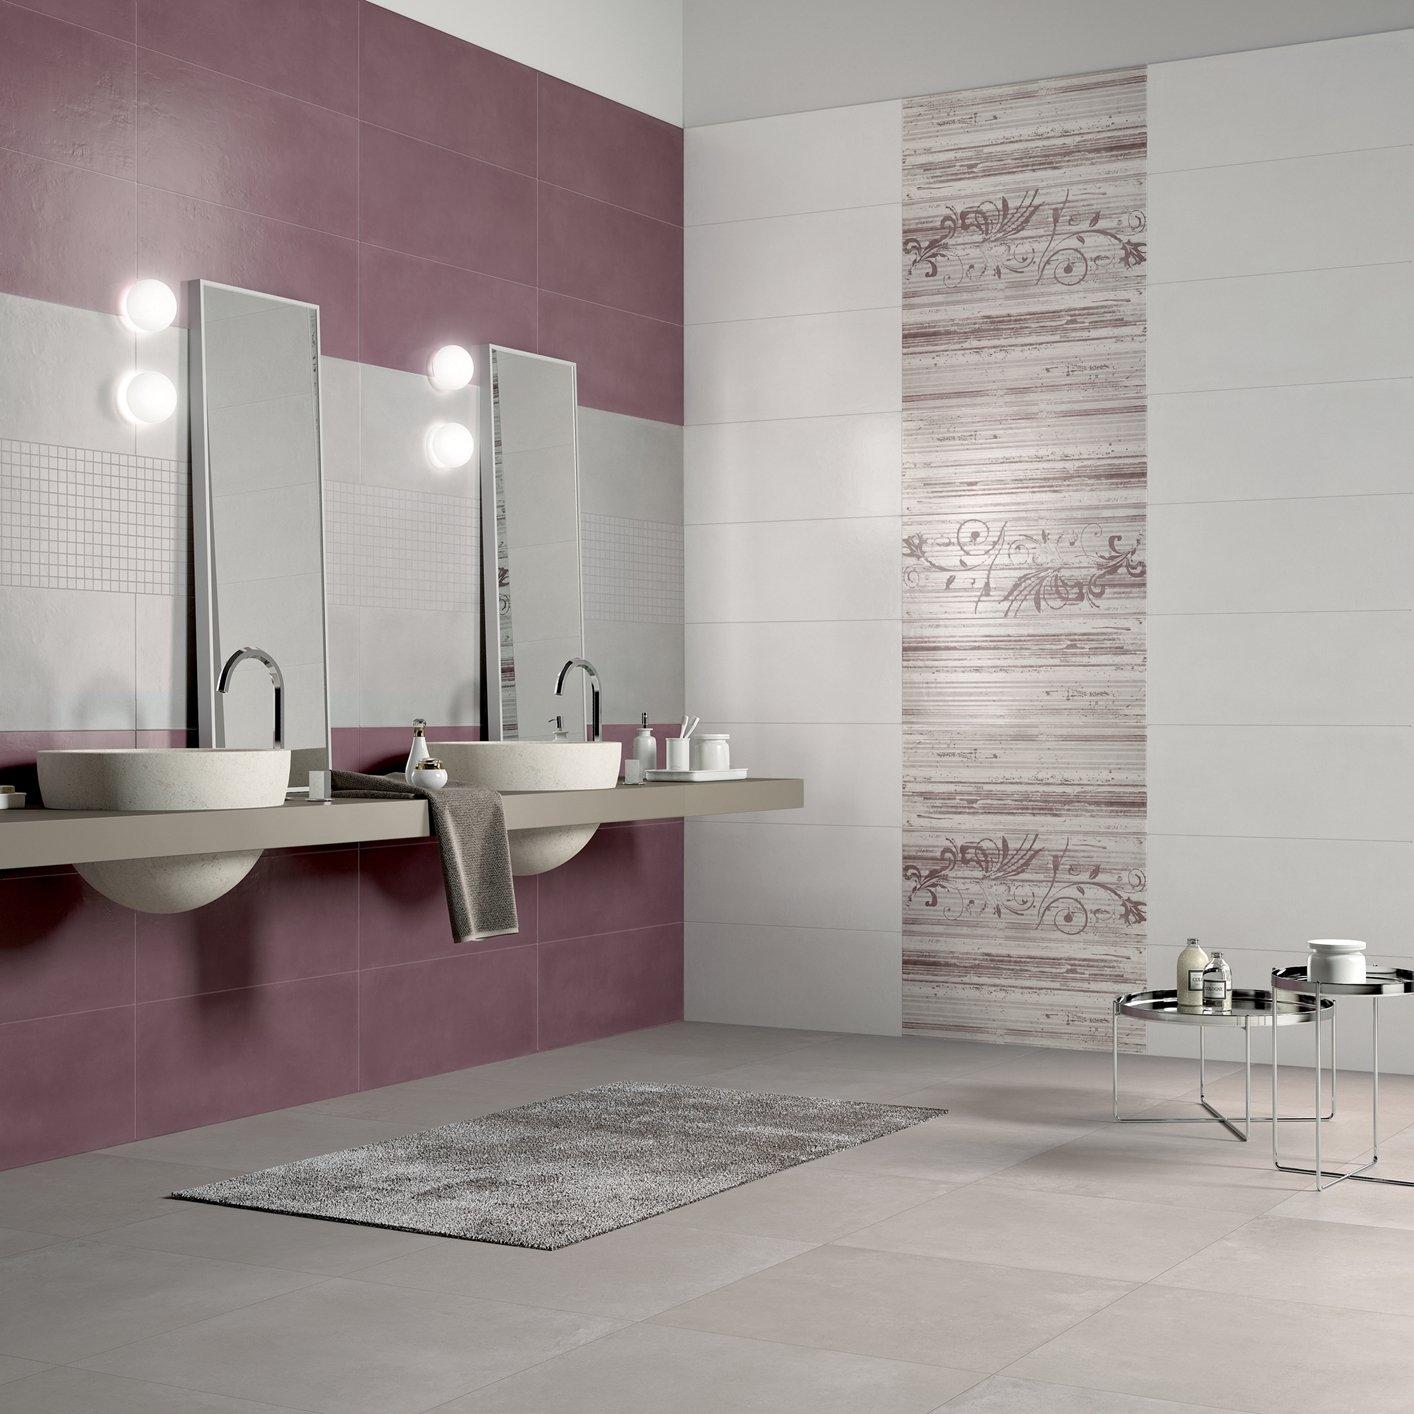 Le ceramiche abk a mosbuild - Ceramiche bagno design ...